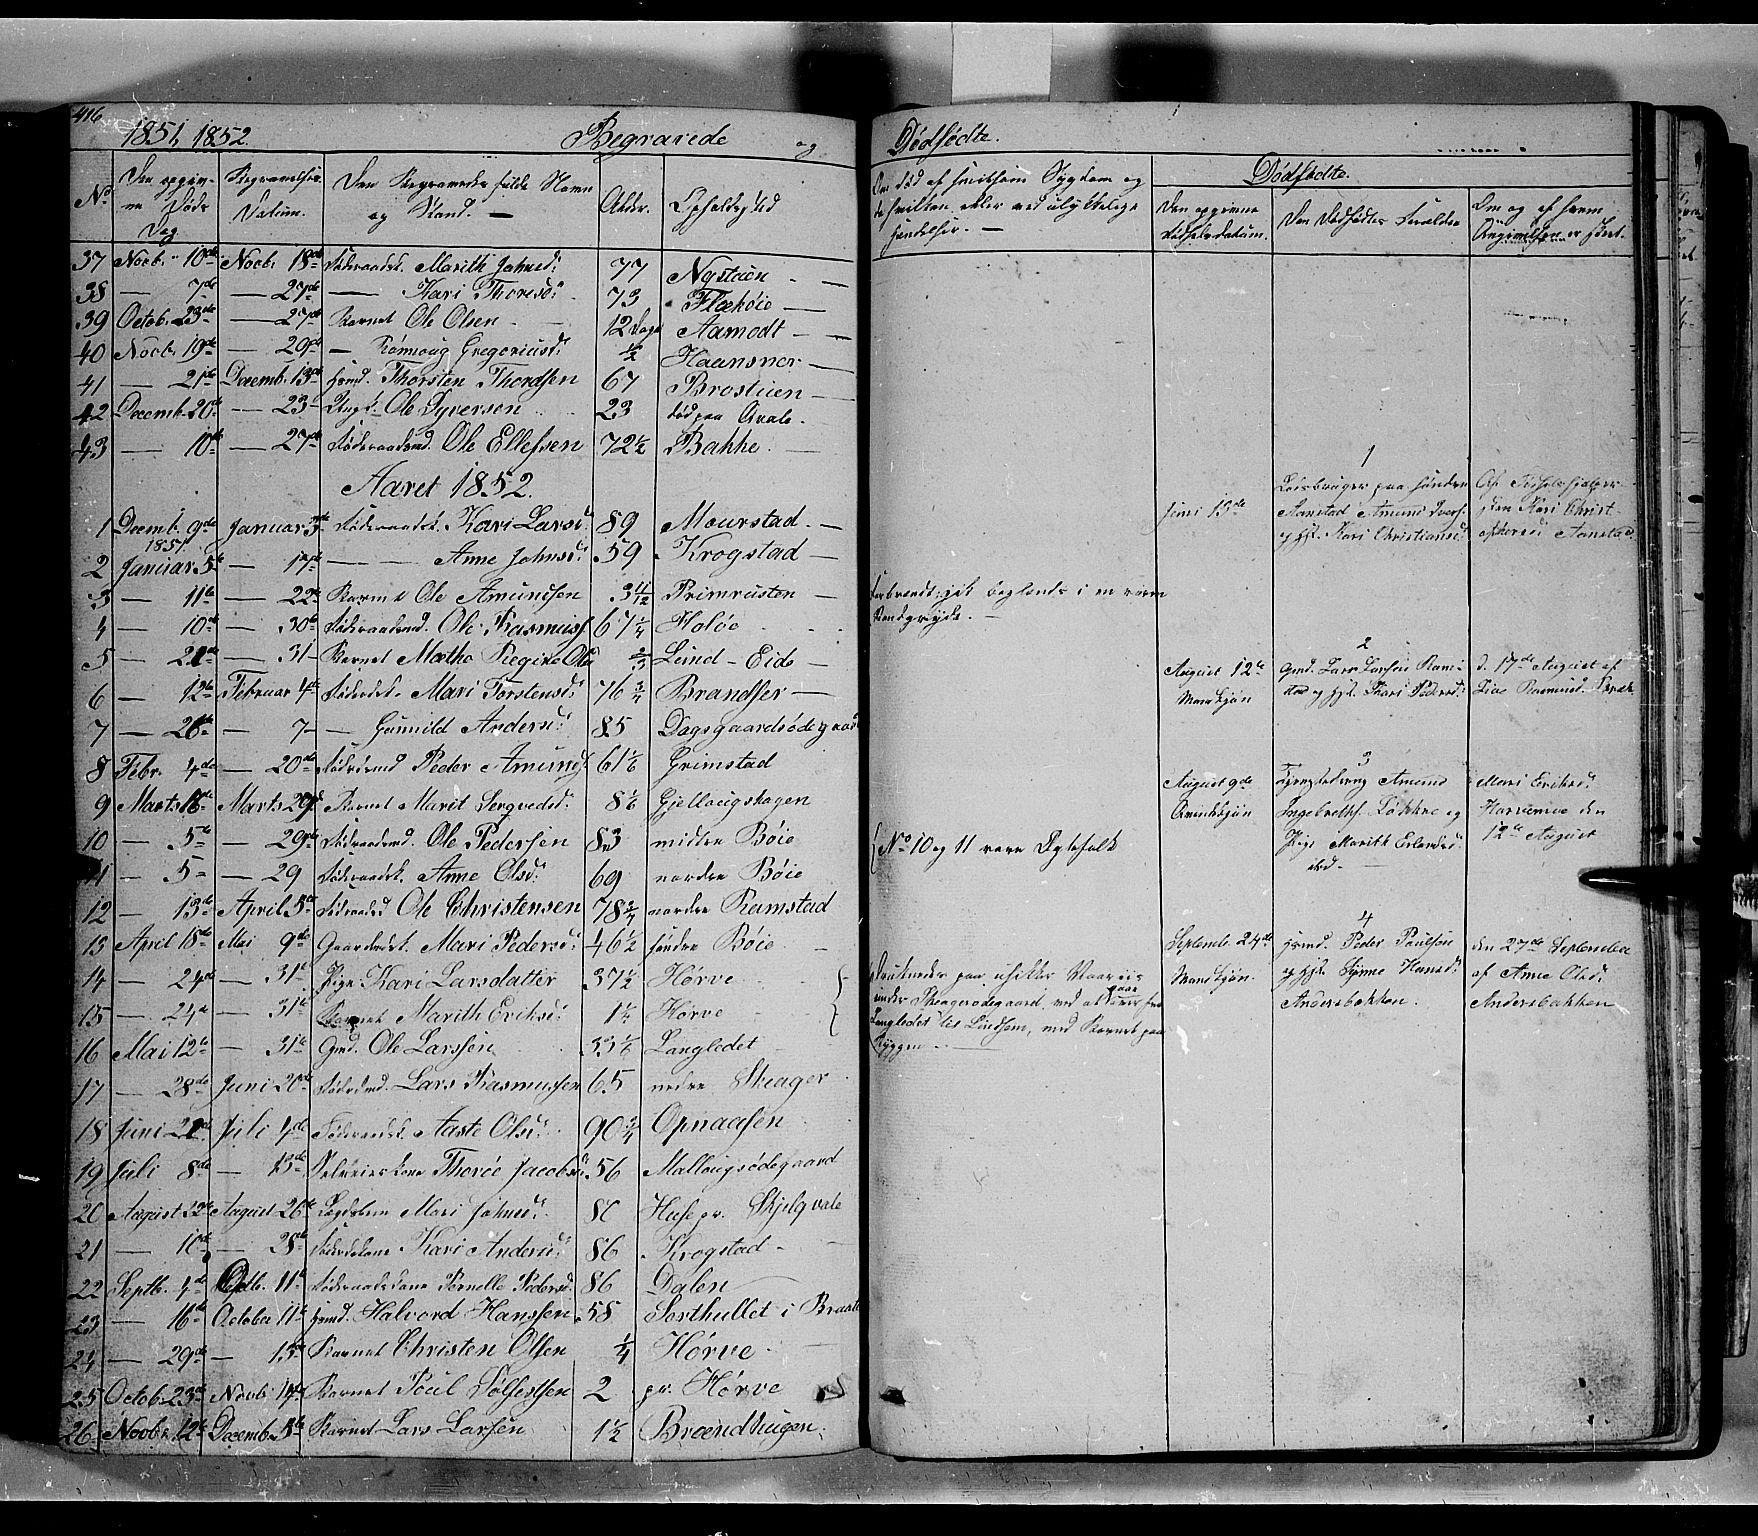 SAH, Lom prestekontor, L/L0004: Klokkerbok nr. 4, 1845-1864, s. 416-417